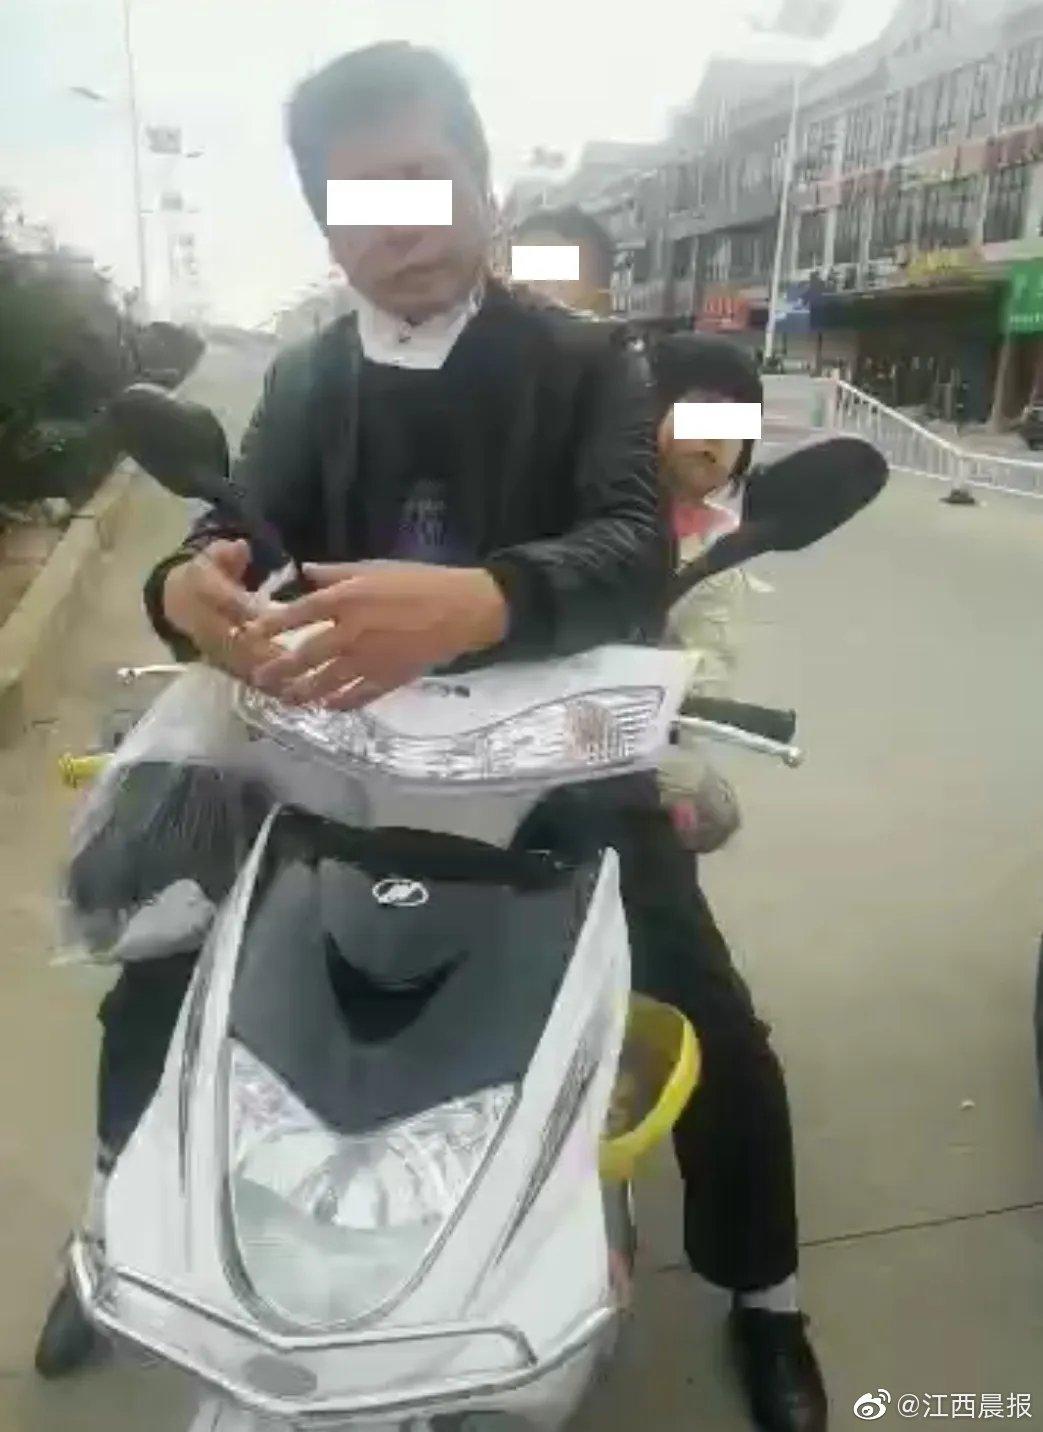 江西一男子带着年幼儿女冲卡 结果摊上事了